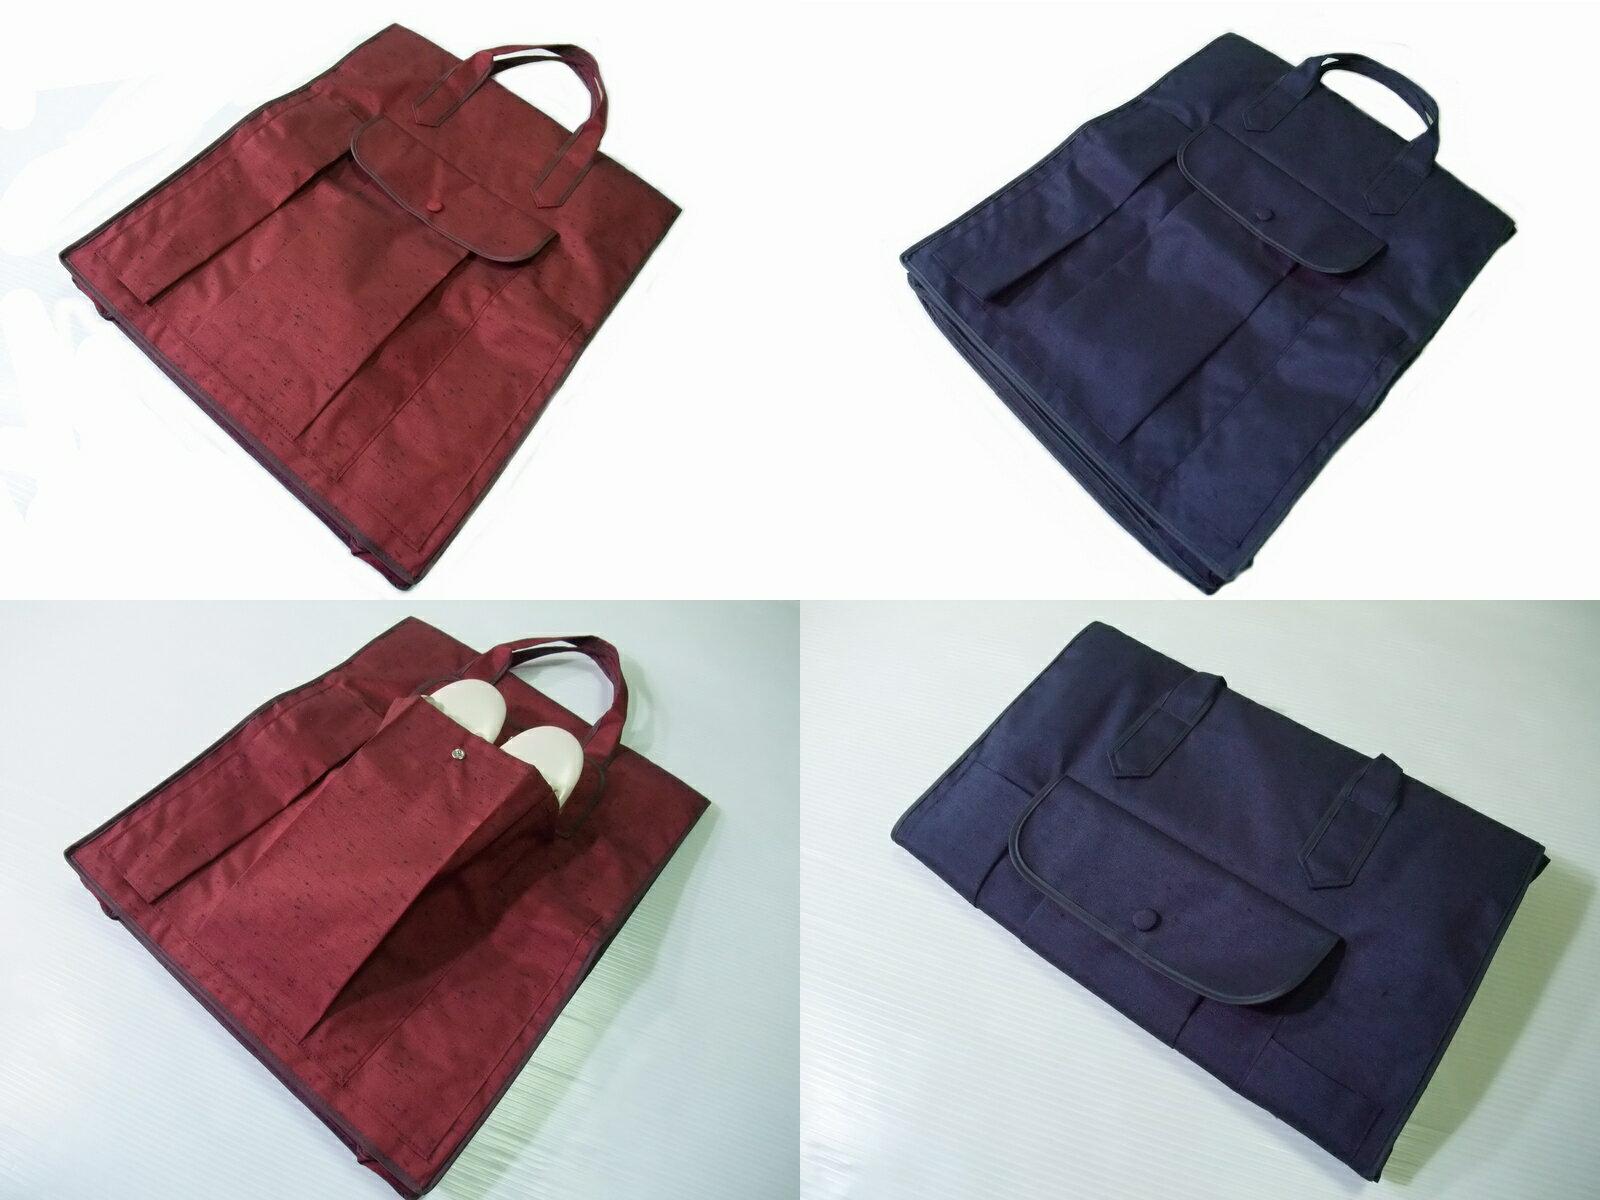 着物 収納 バッグ コンパクトでお出かけにも便利です 新品 ws021